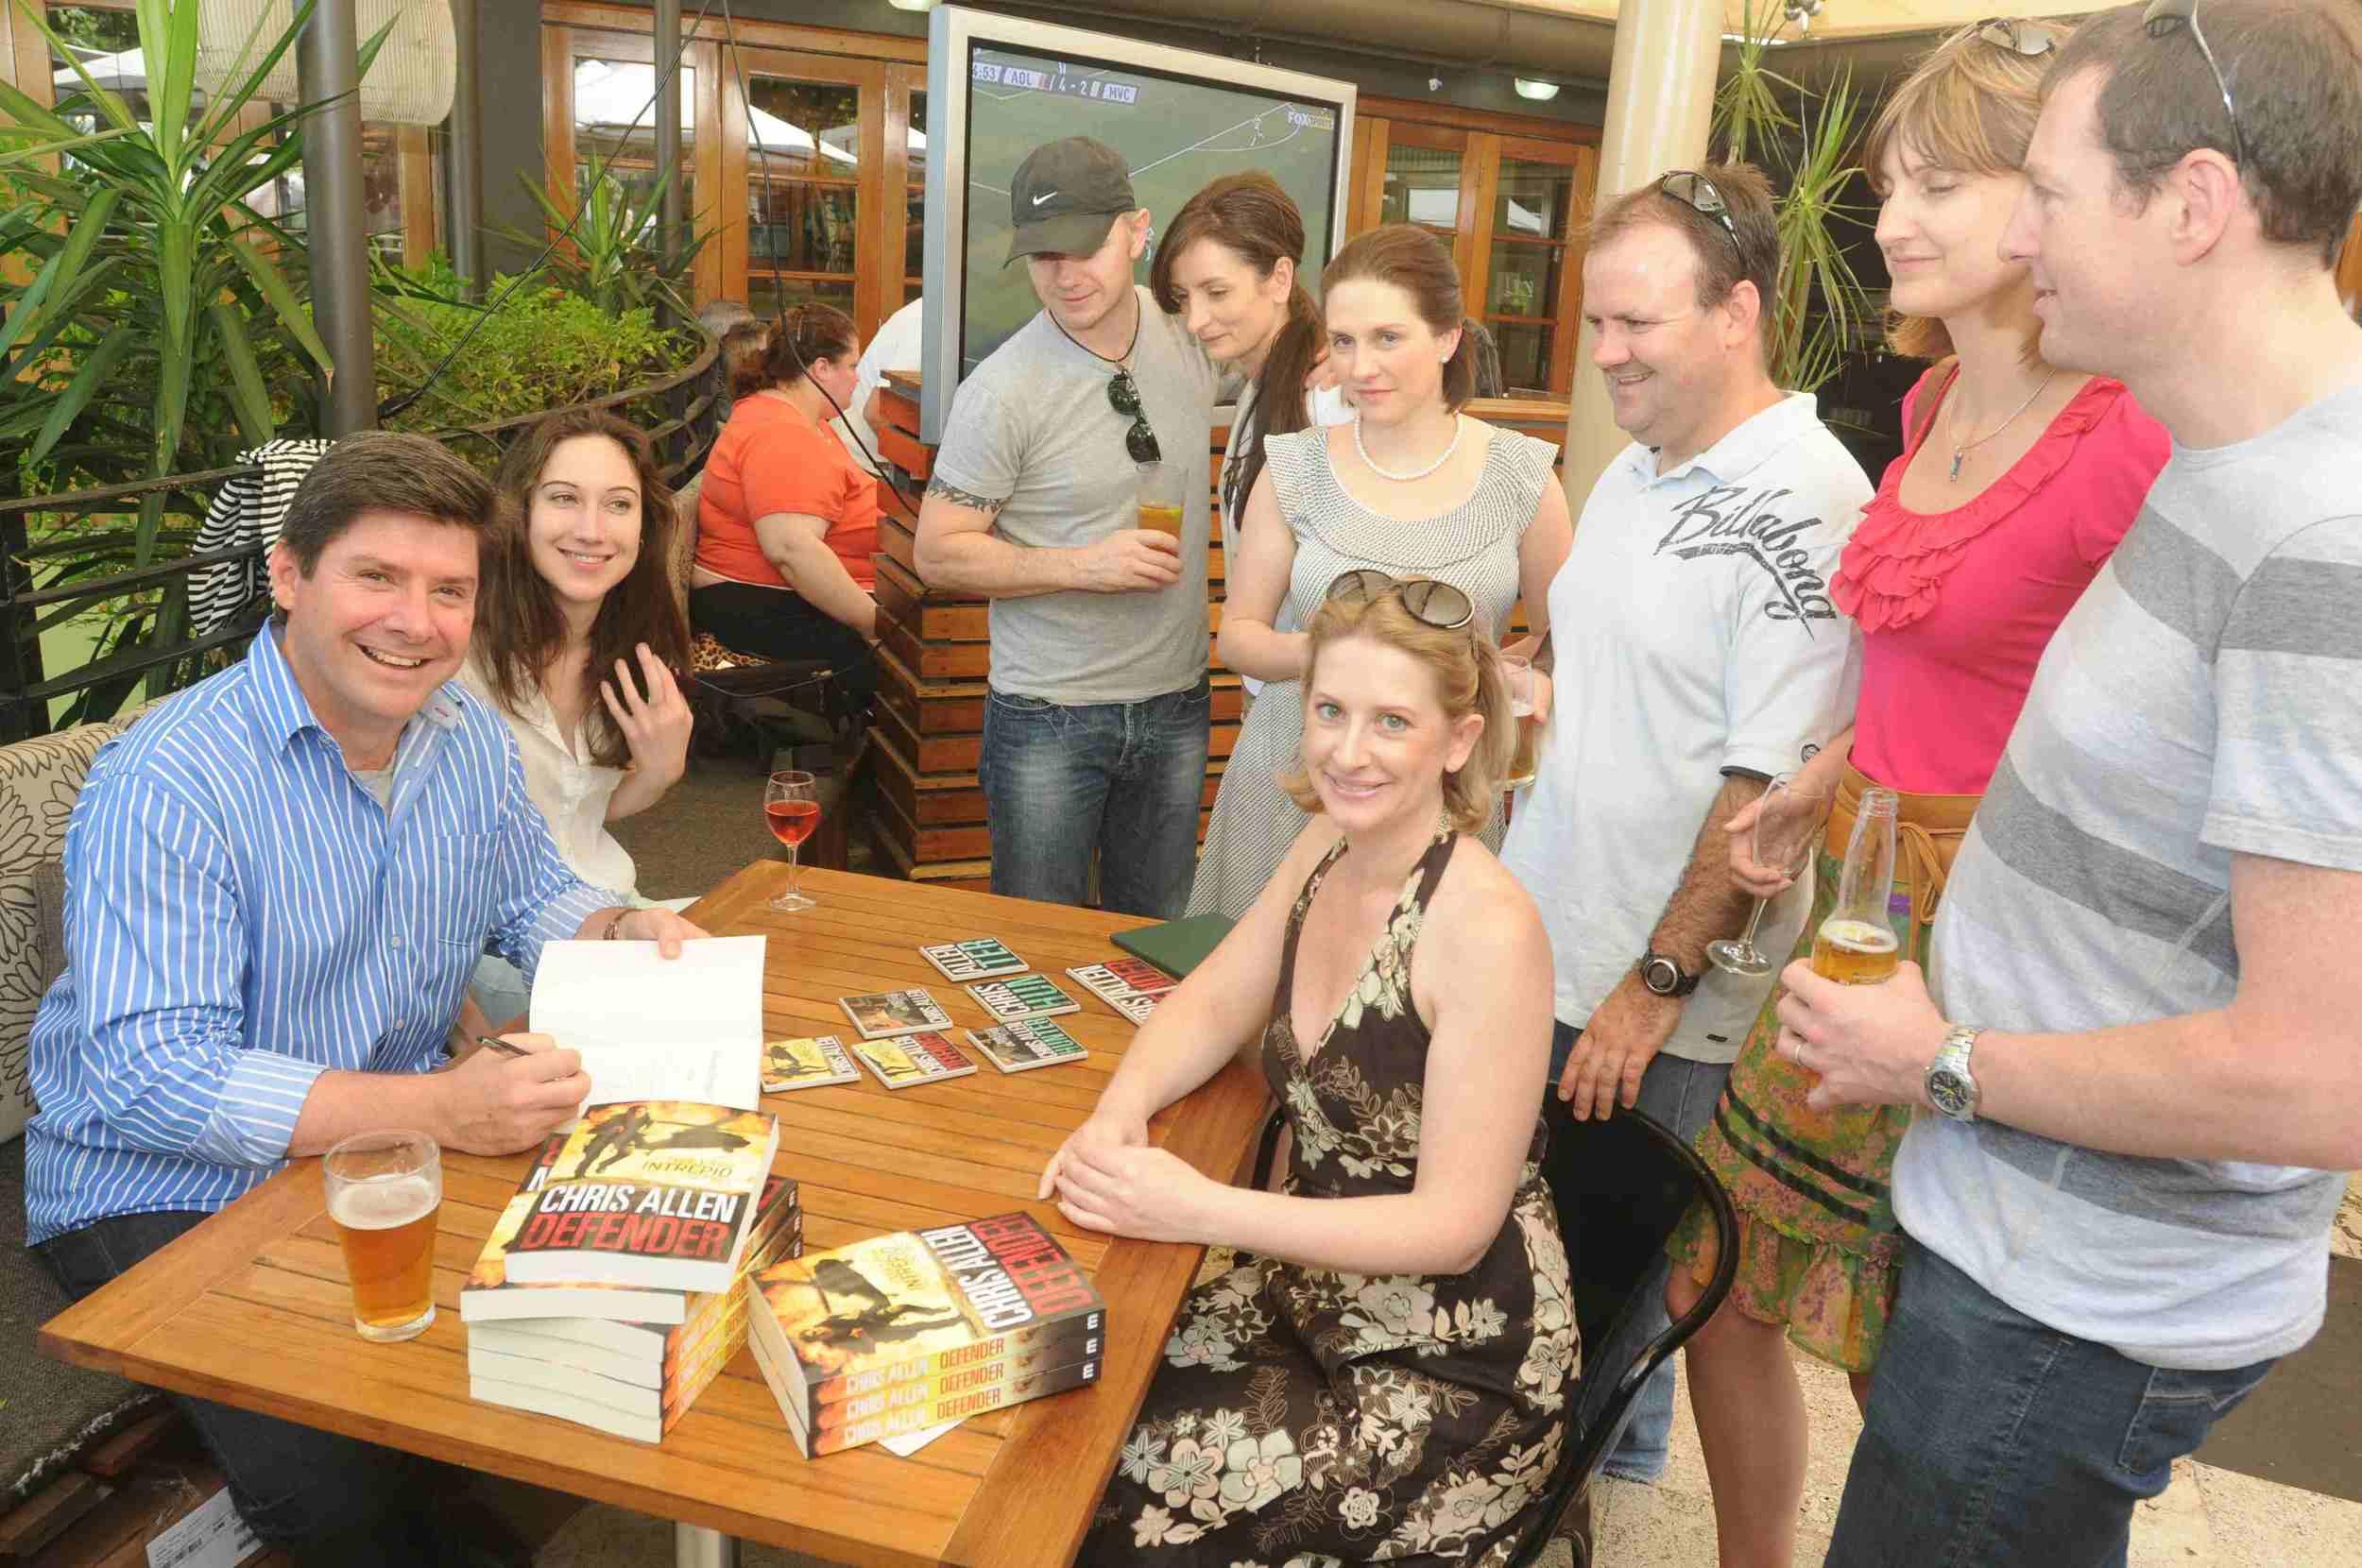 Hunter Book Launch @ Commodore Hotel